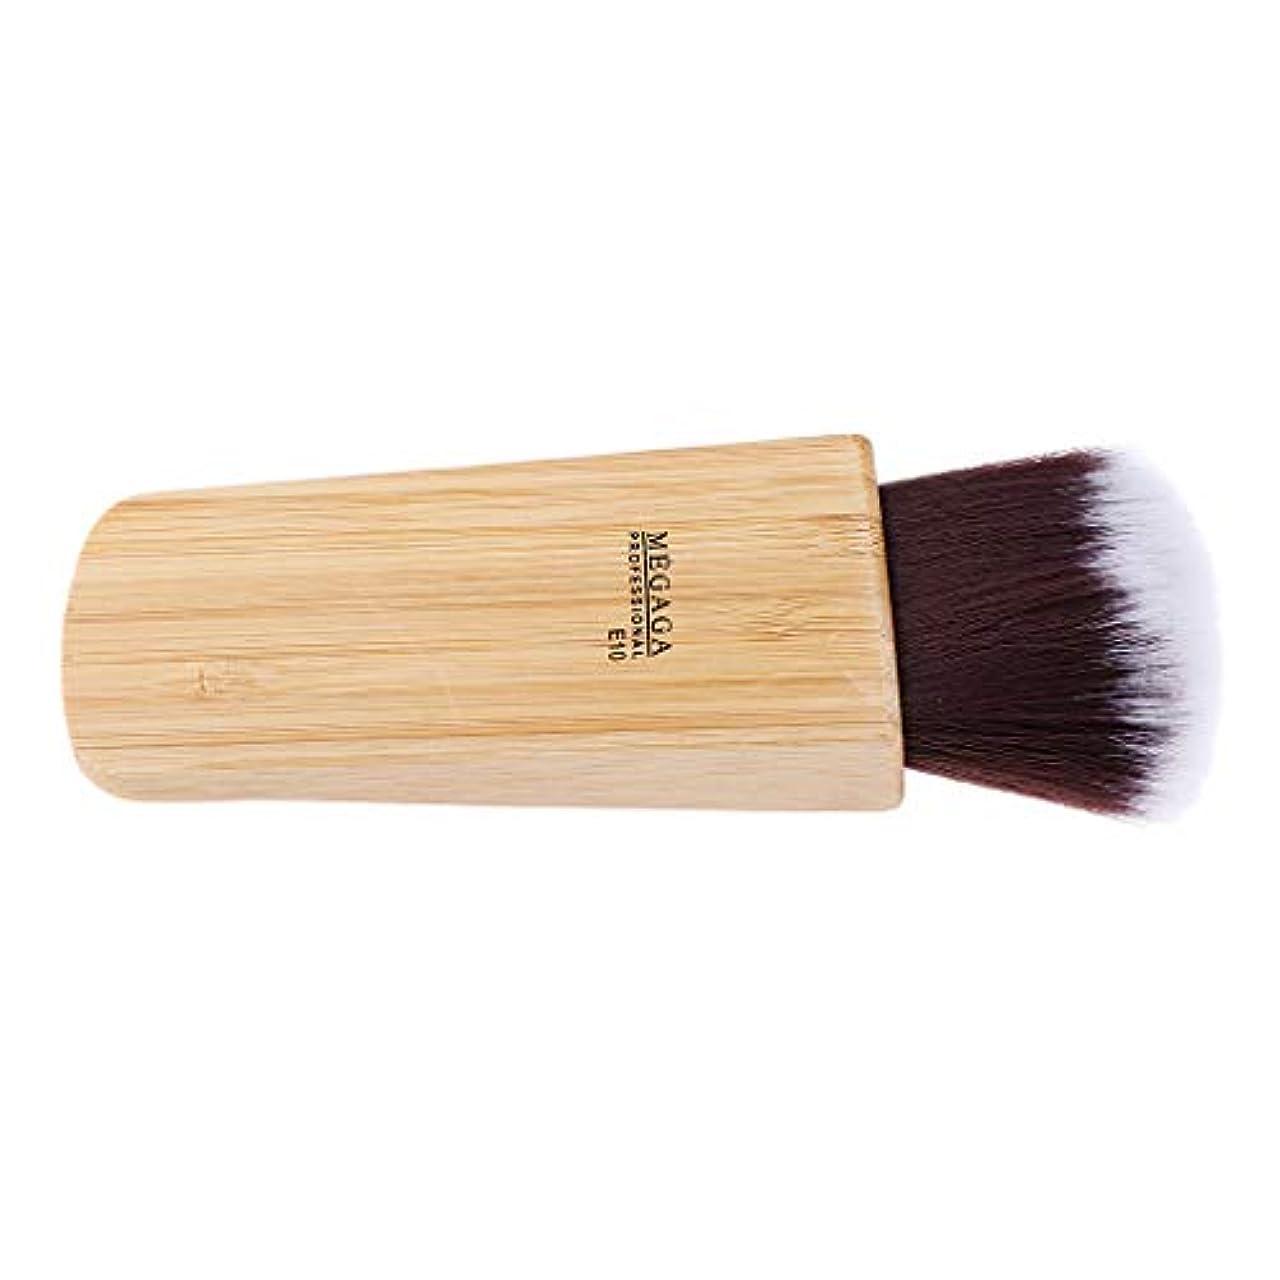 プレミア征服型CUTICATE ネックダスターブラシ ヘアカット ブラシ ネックダスター 洗浄 ヘアブラシ 理髪美容ツール